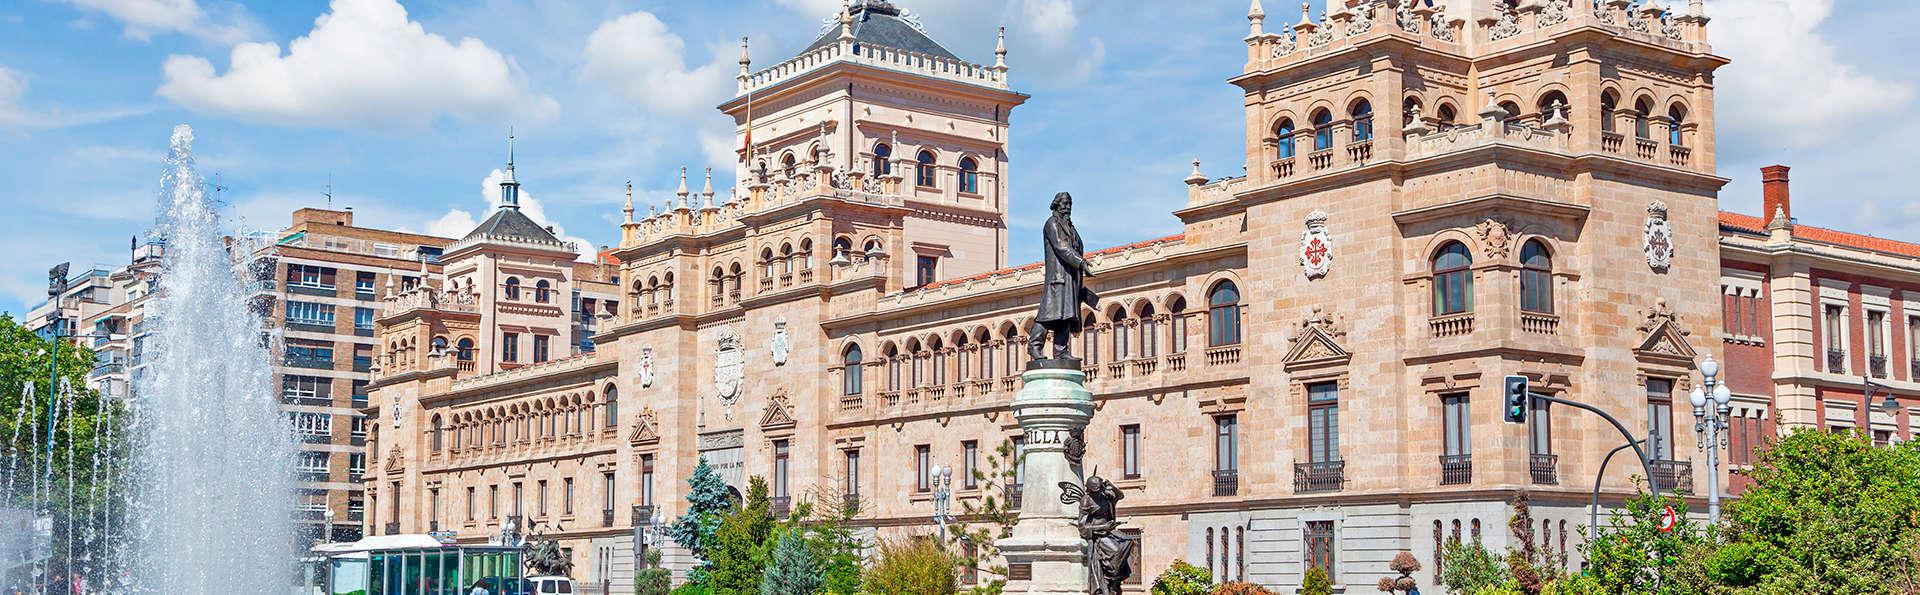 Hotel Jardín de la Abadía - EDIT_destination1.jpg